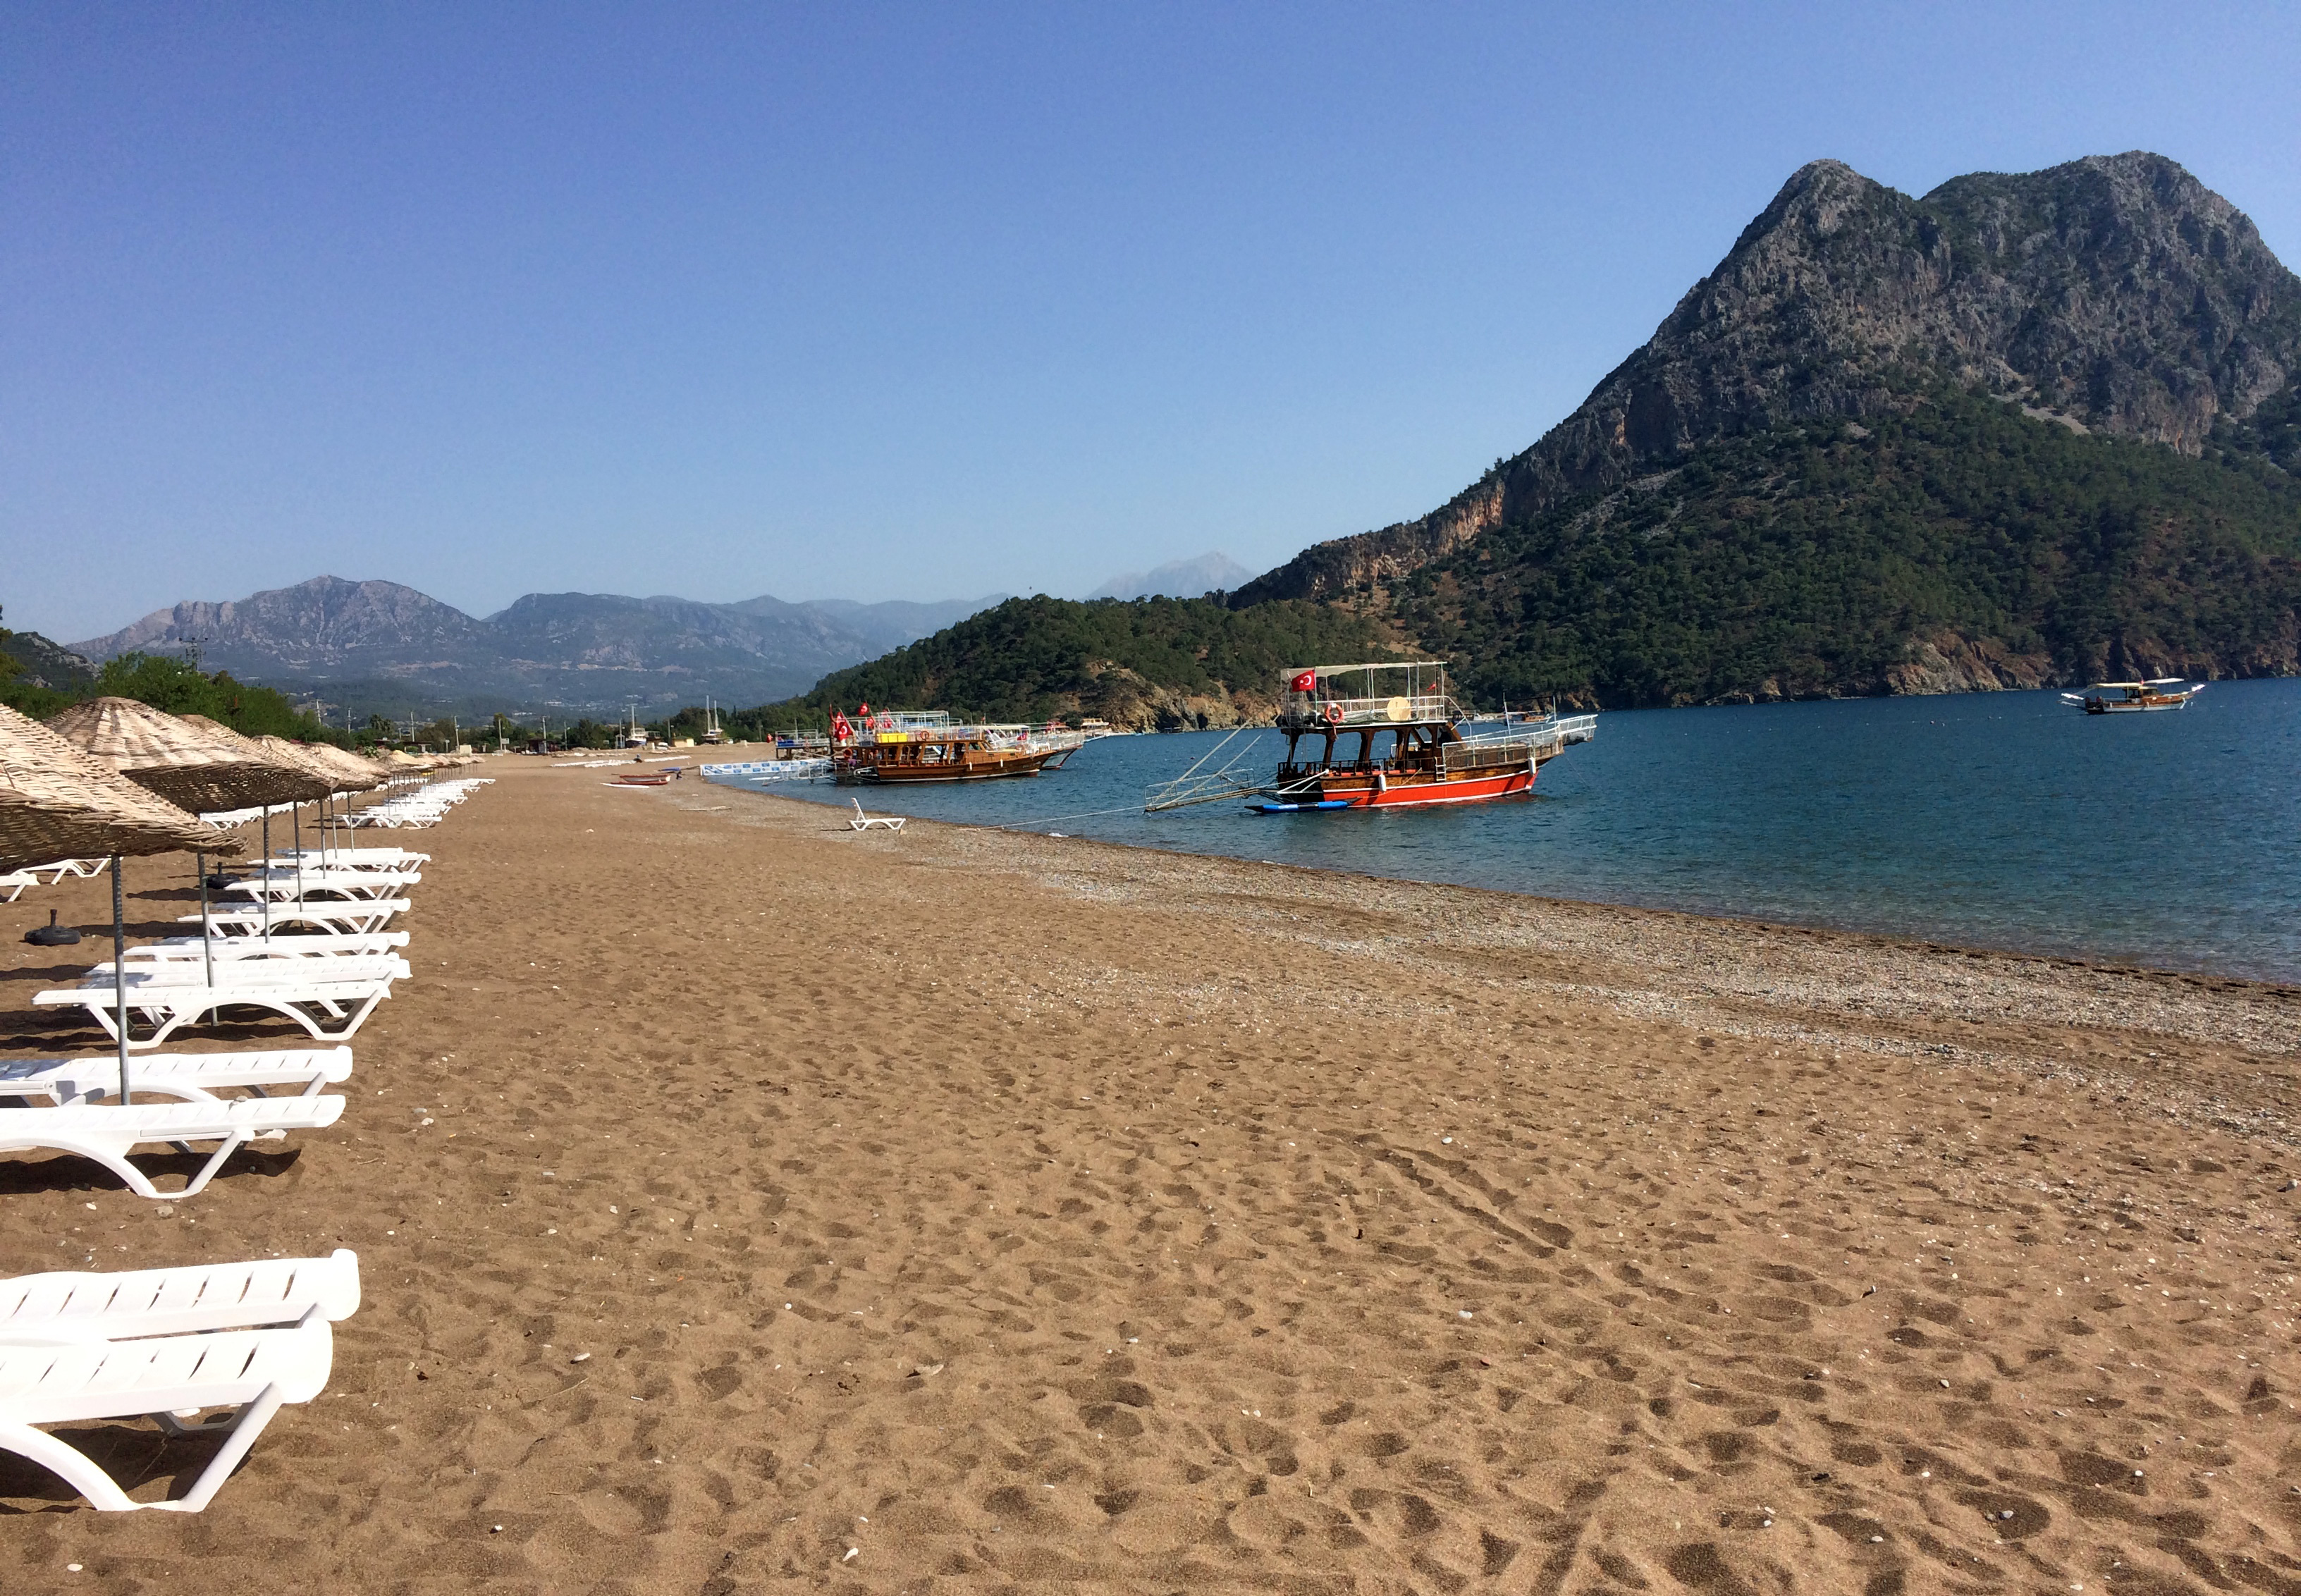 turkey tourism and mediterranean area